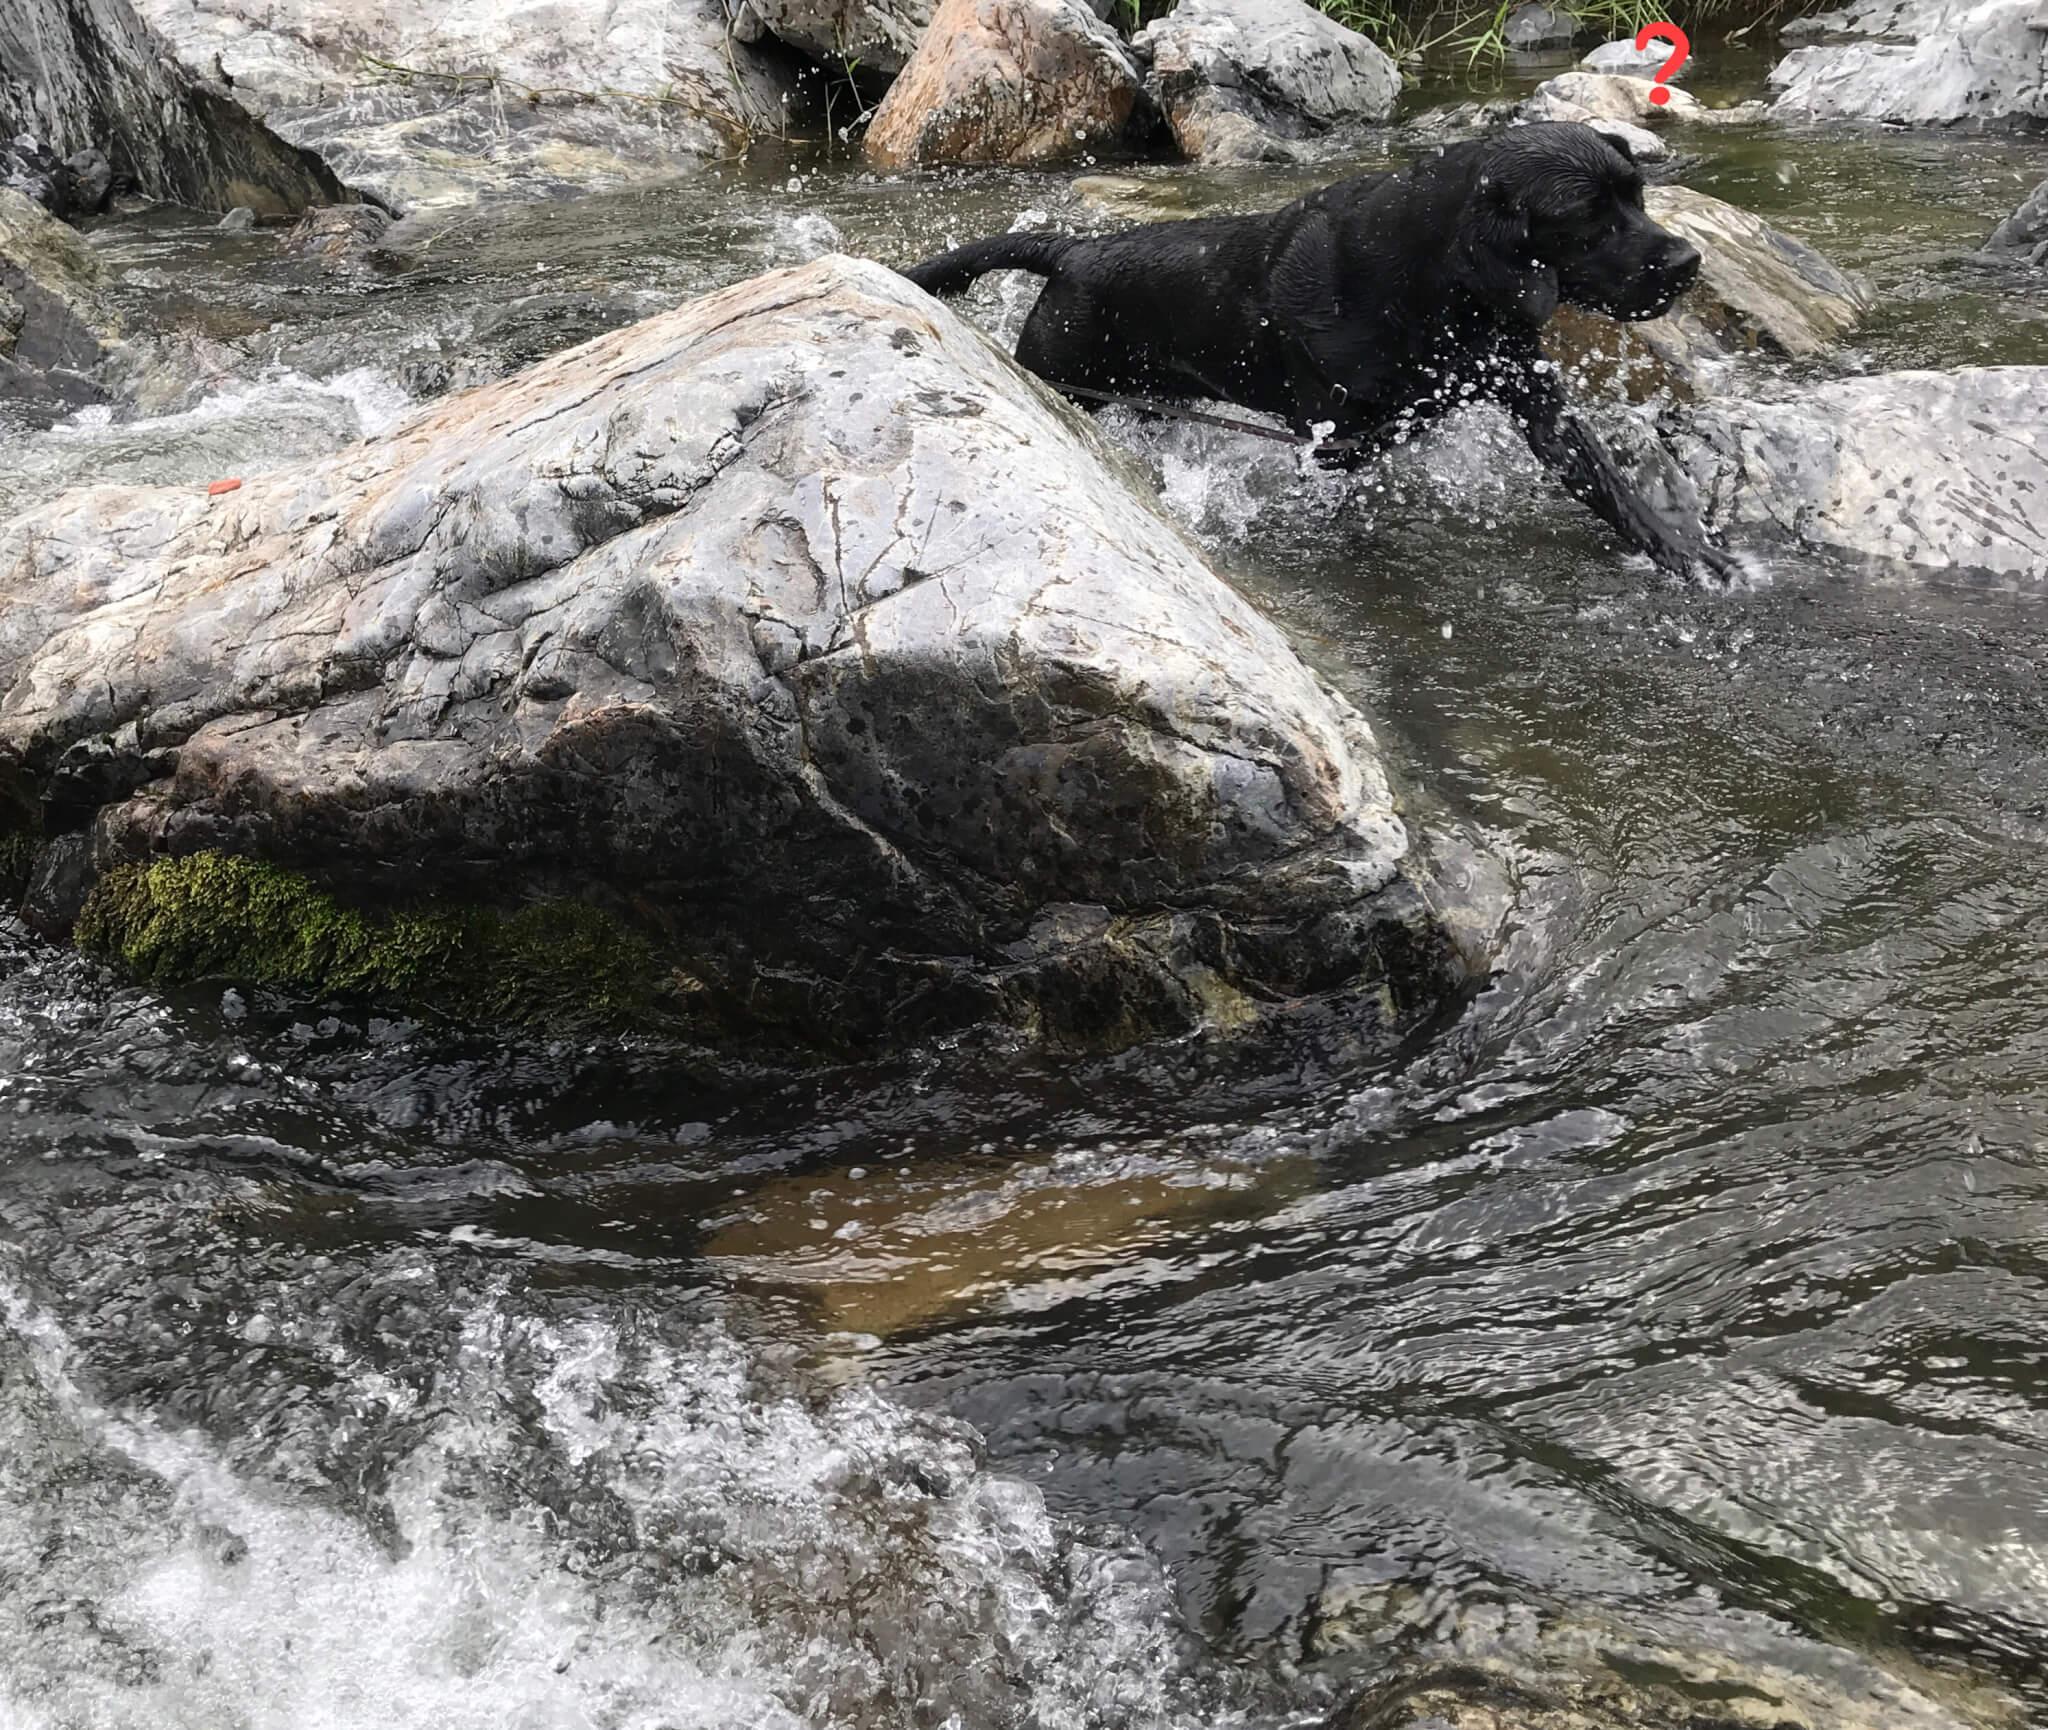 摂津峡公園 犬 川遊び 芥川 ラブラドールレトリバー ?